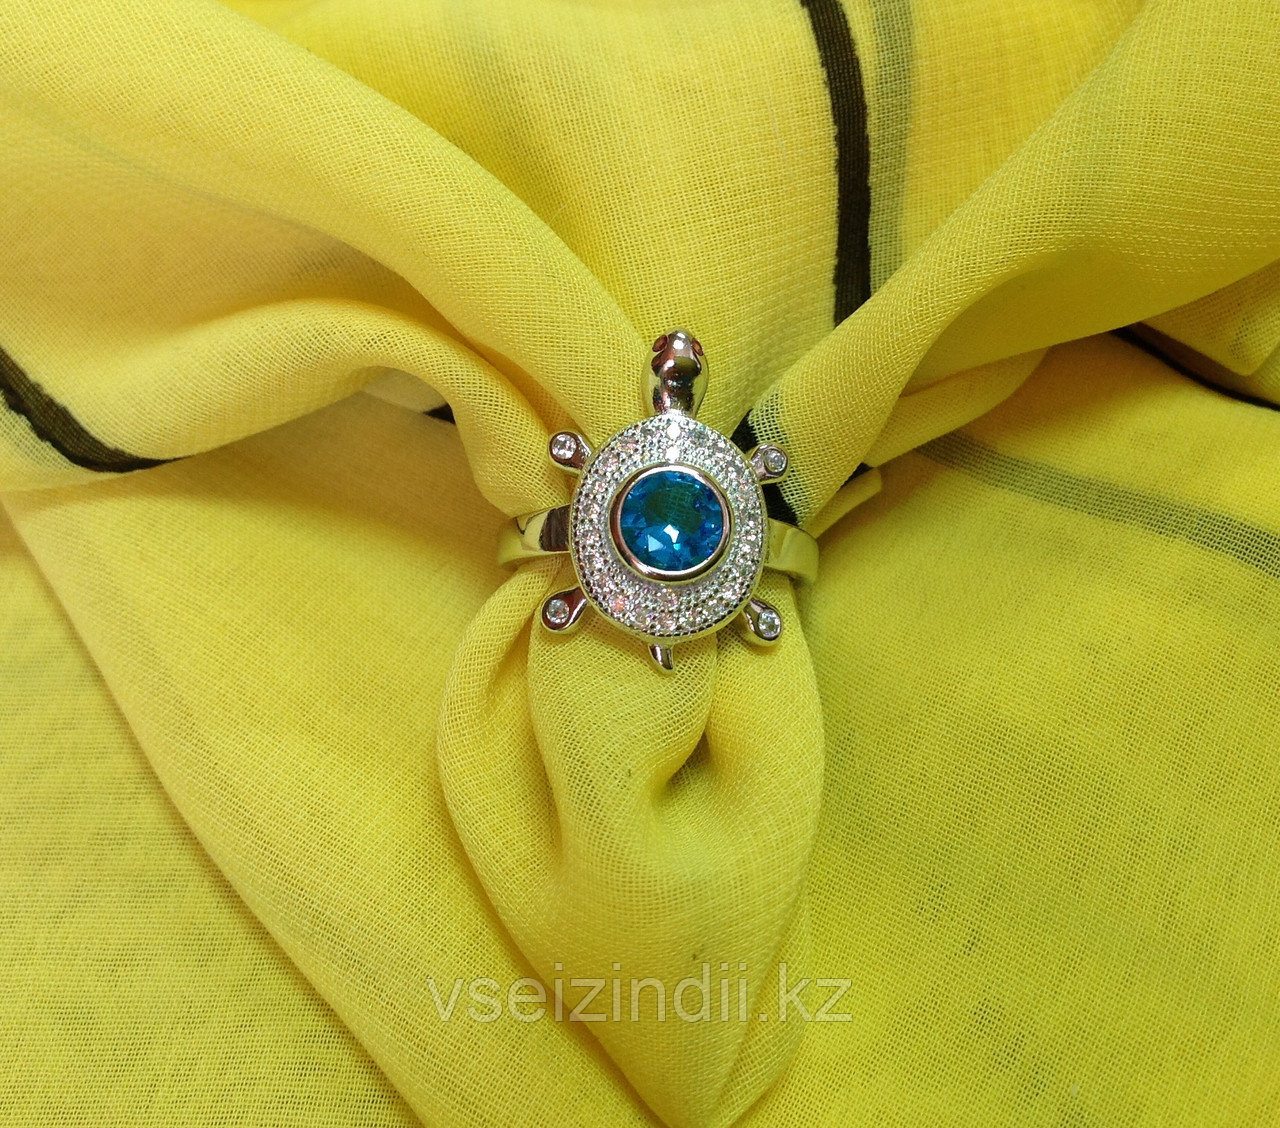 Серебряное кольцо женское черепашка с голубым фианитом 17.0 размер